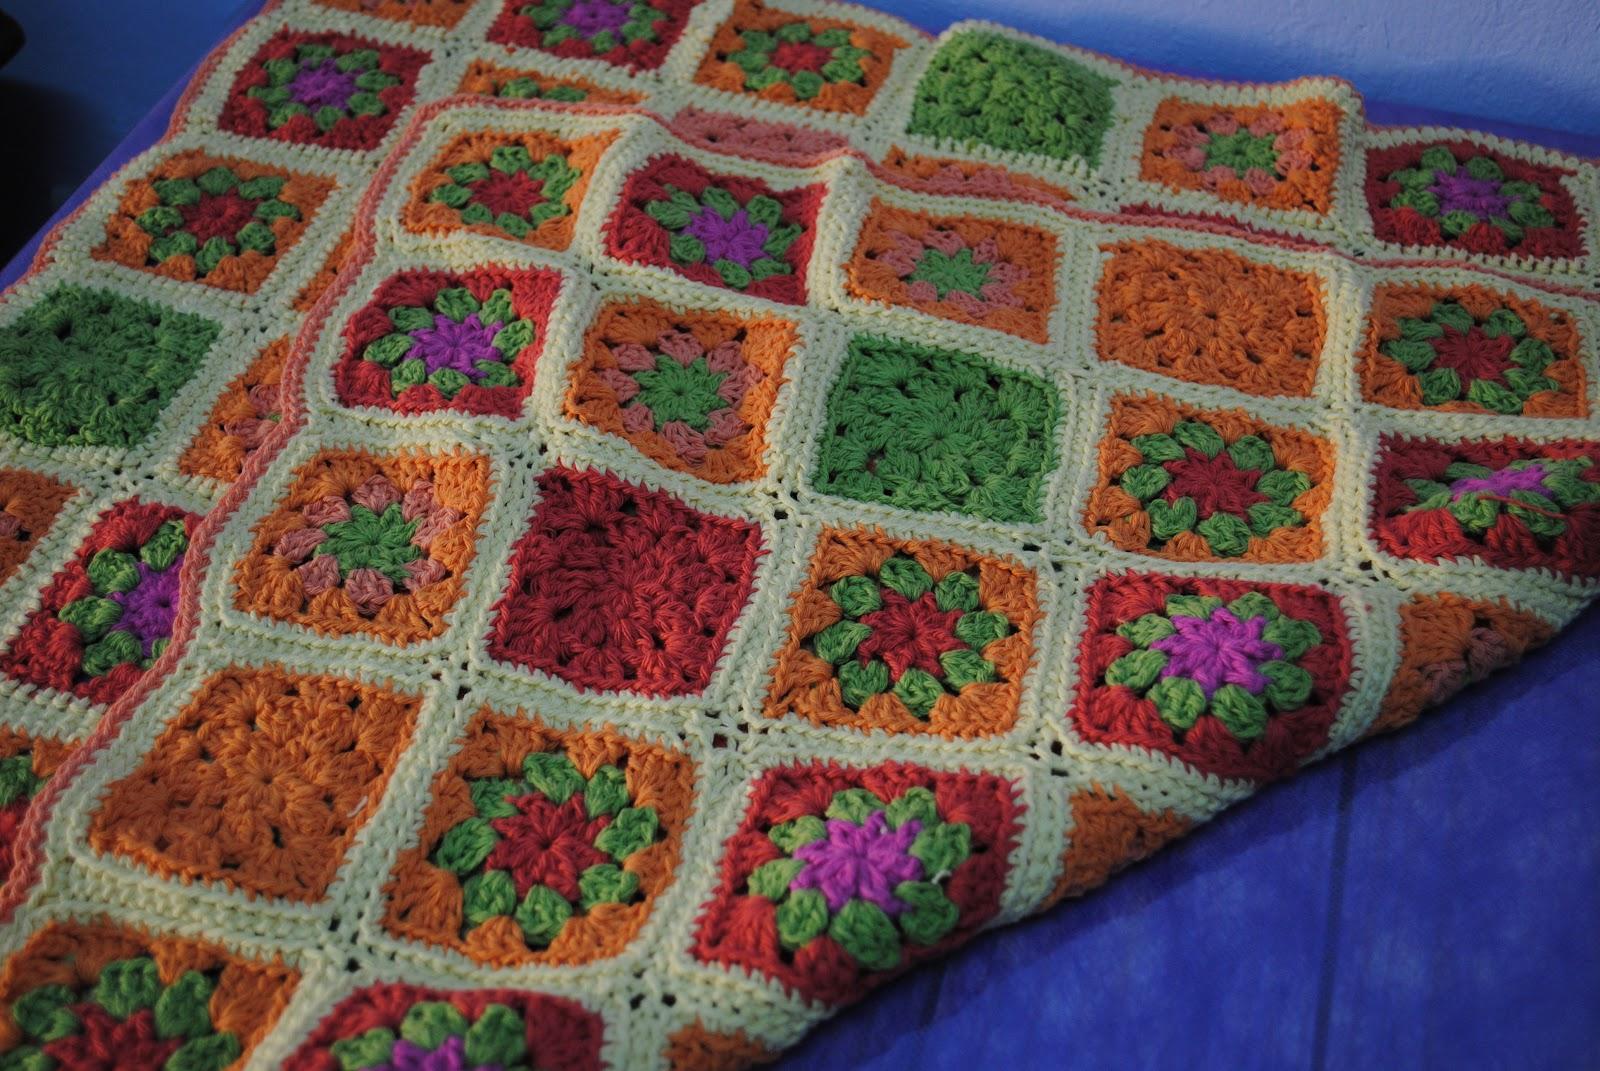 Mundo cafita julio 2012 - Mantas de lana hechas a mano ...